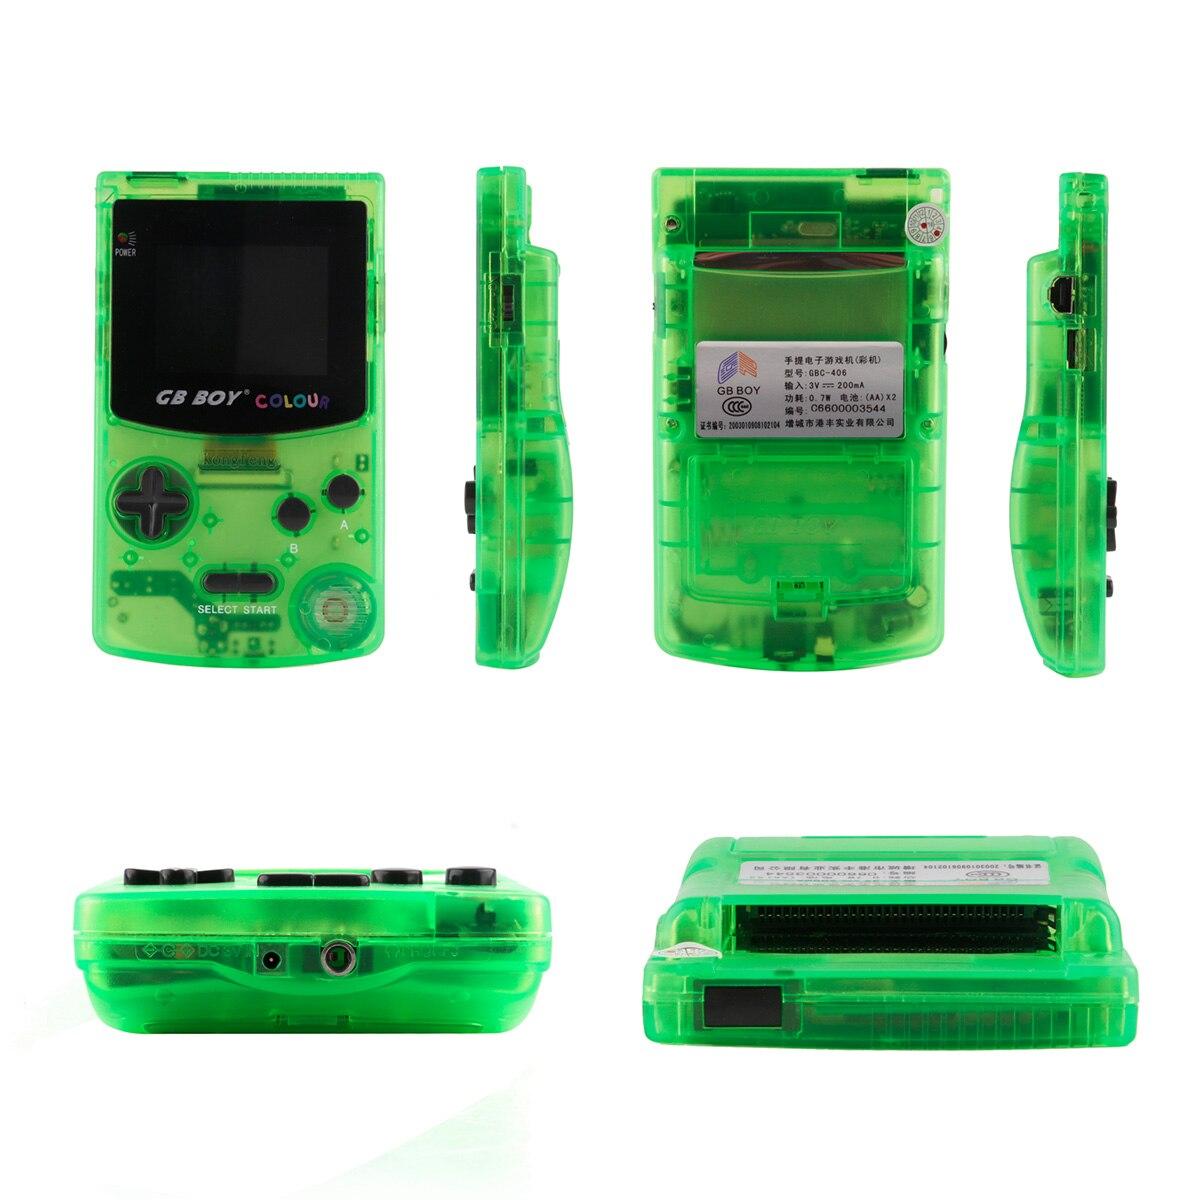 """Image 4 - GB Boy цветной портативный игровой плеер 2,7 """"портативные классические игровые консоли с подсветкой 66 встроенных игр-in Портативные игровые консоли from Бытовая электроника"""